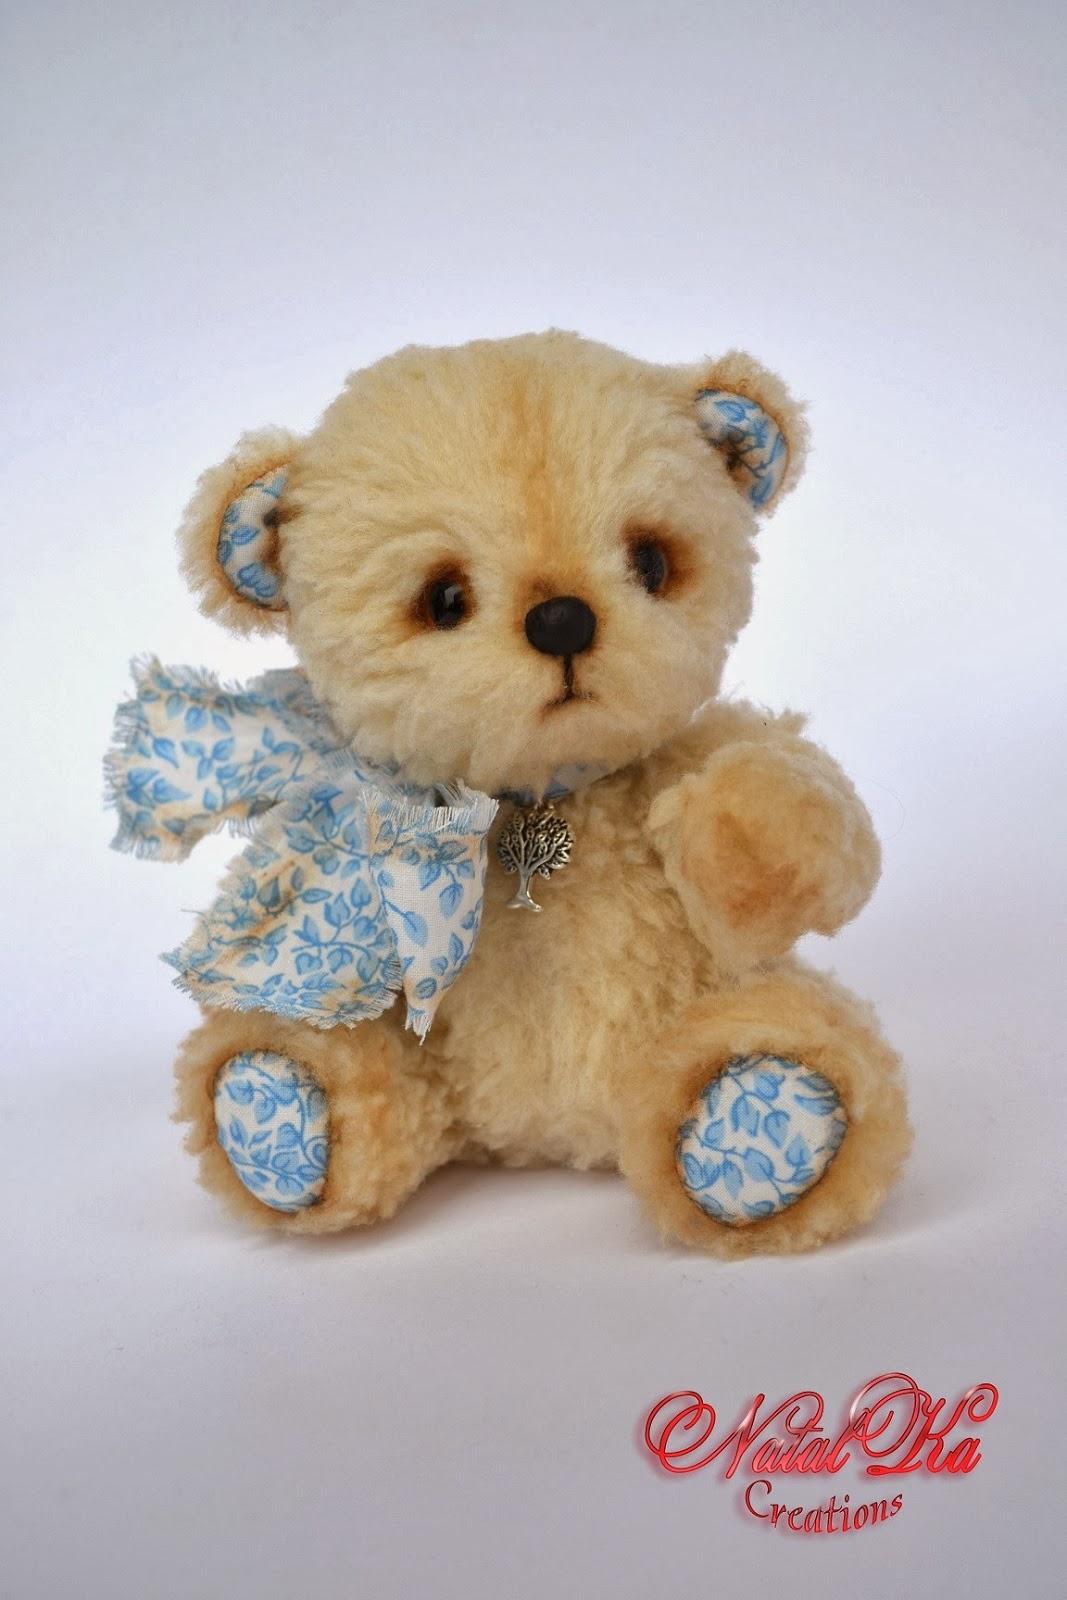 Artist teddy bear handmade by NatalKa Creations. Künstler Teddybear handgemacht von NatalKa Creations.